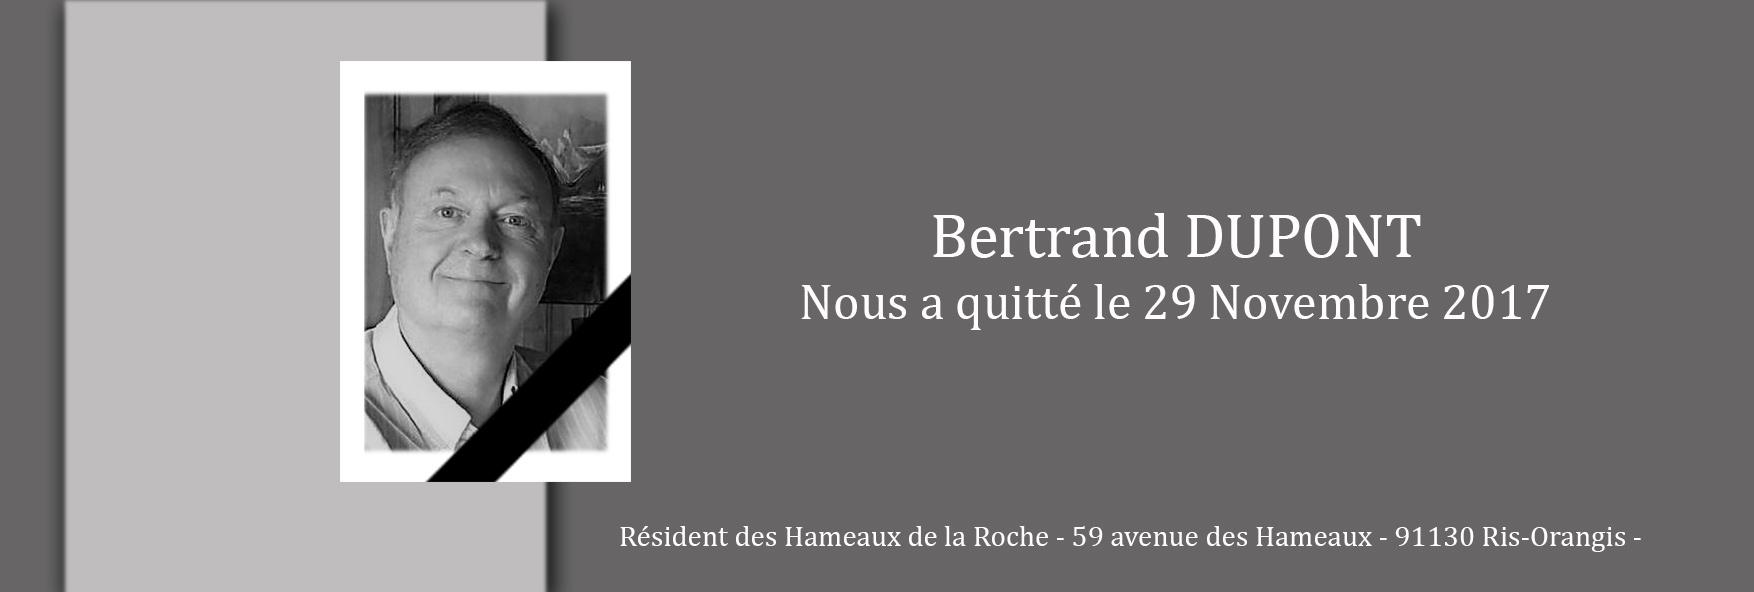 Décès de Bertrand DUPONT, membre du CAS des Hameaux